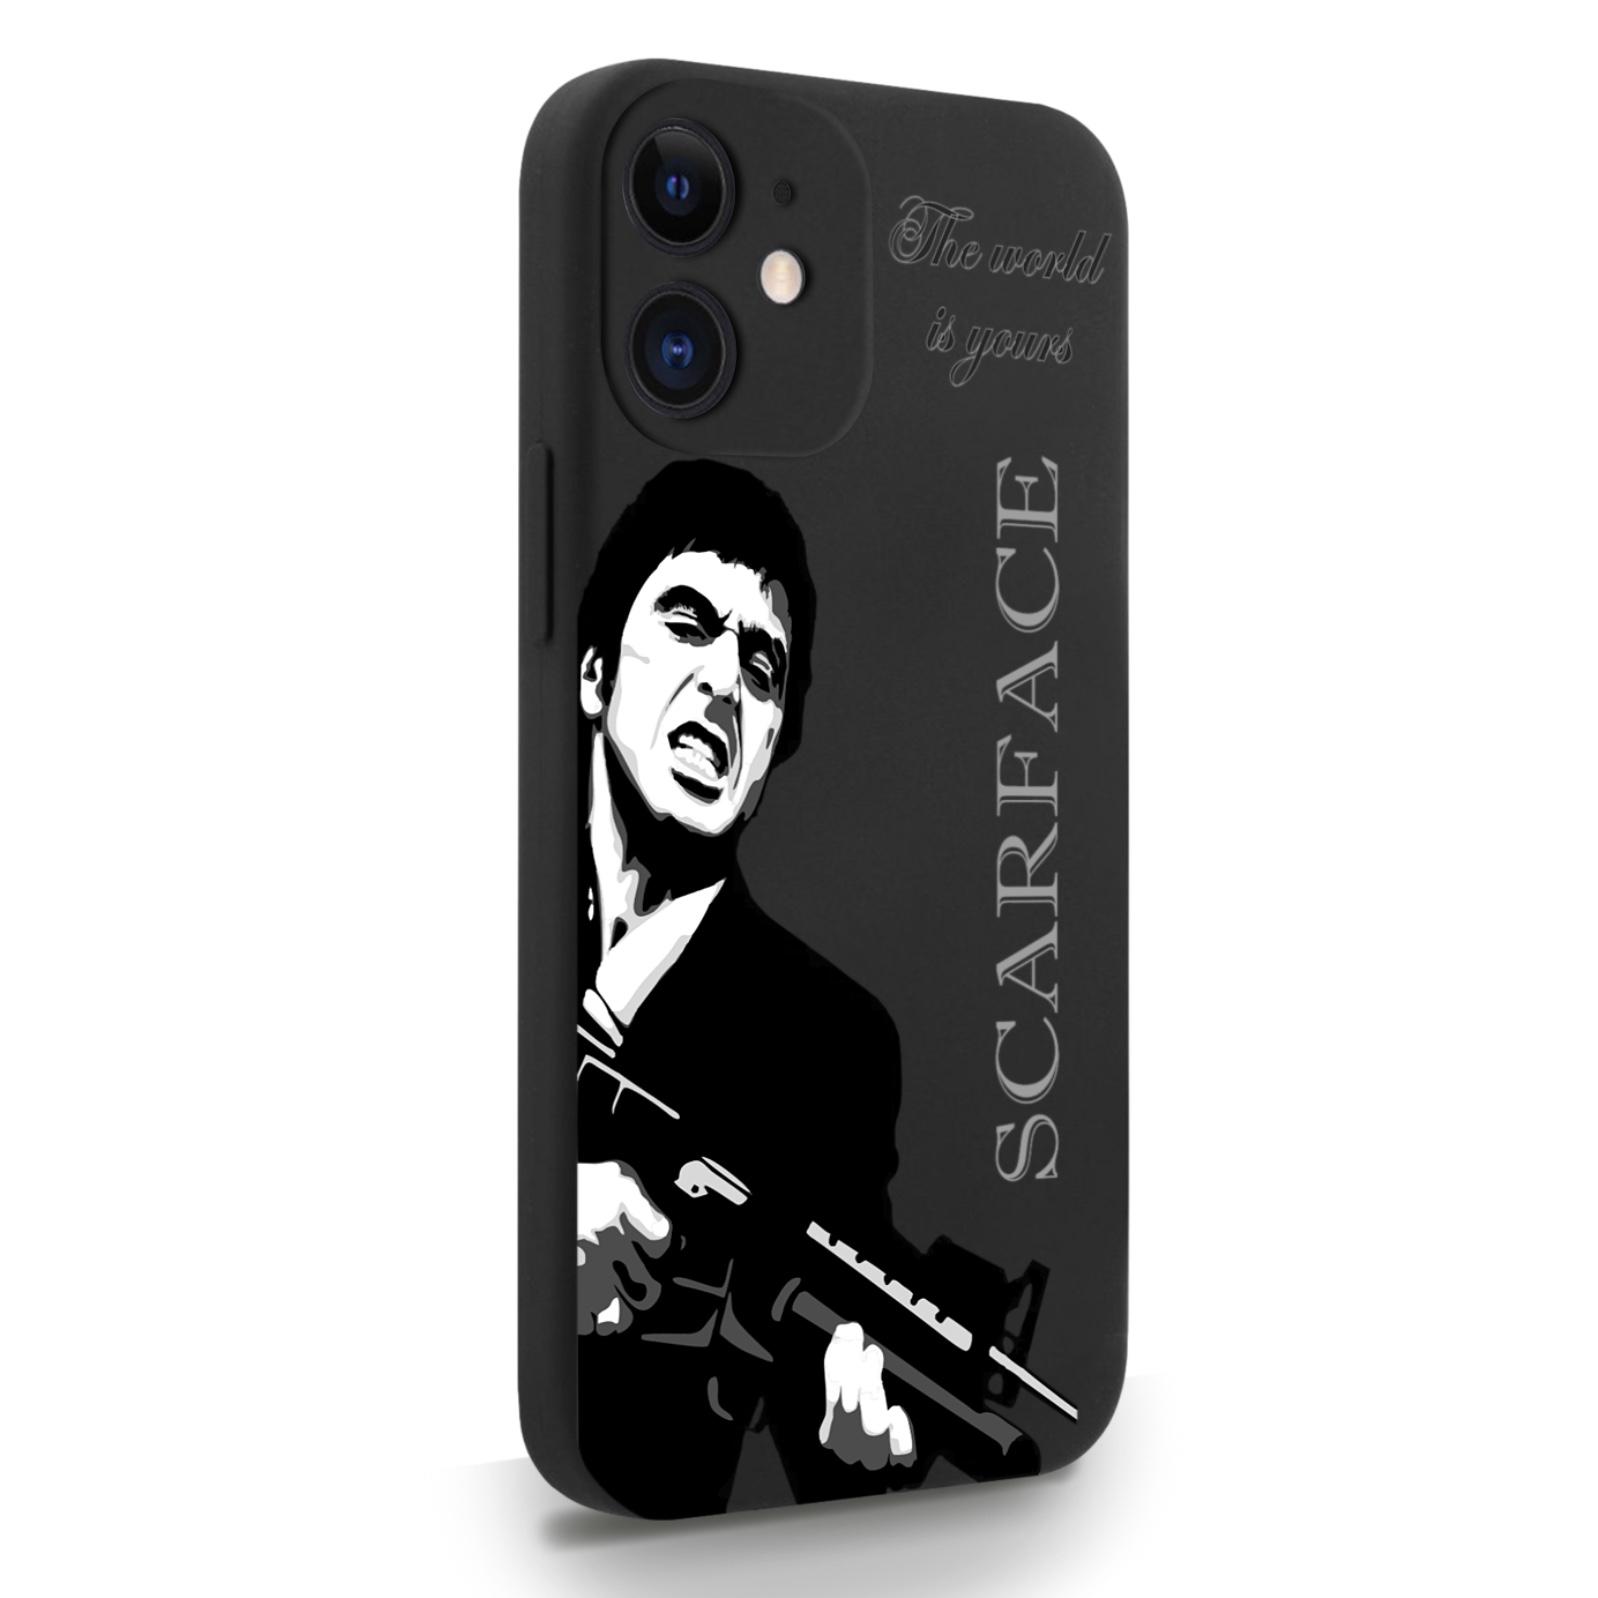 Черный силиконовый чехол для iPhone 12 Mini Scarface Tony Montana/ Лицо со шрамом для Айфон 12 Мини